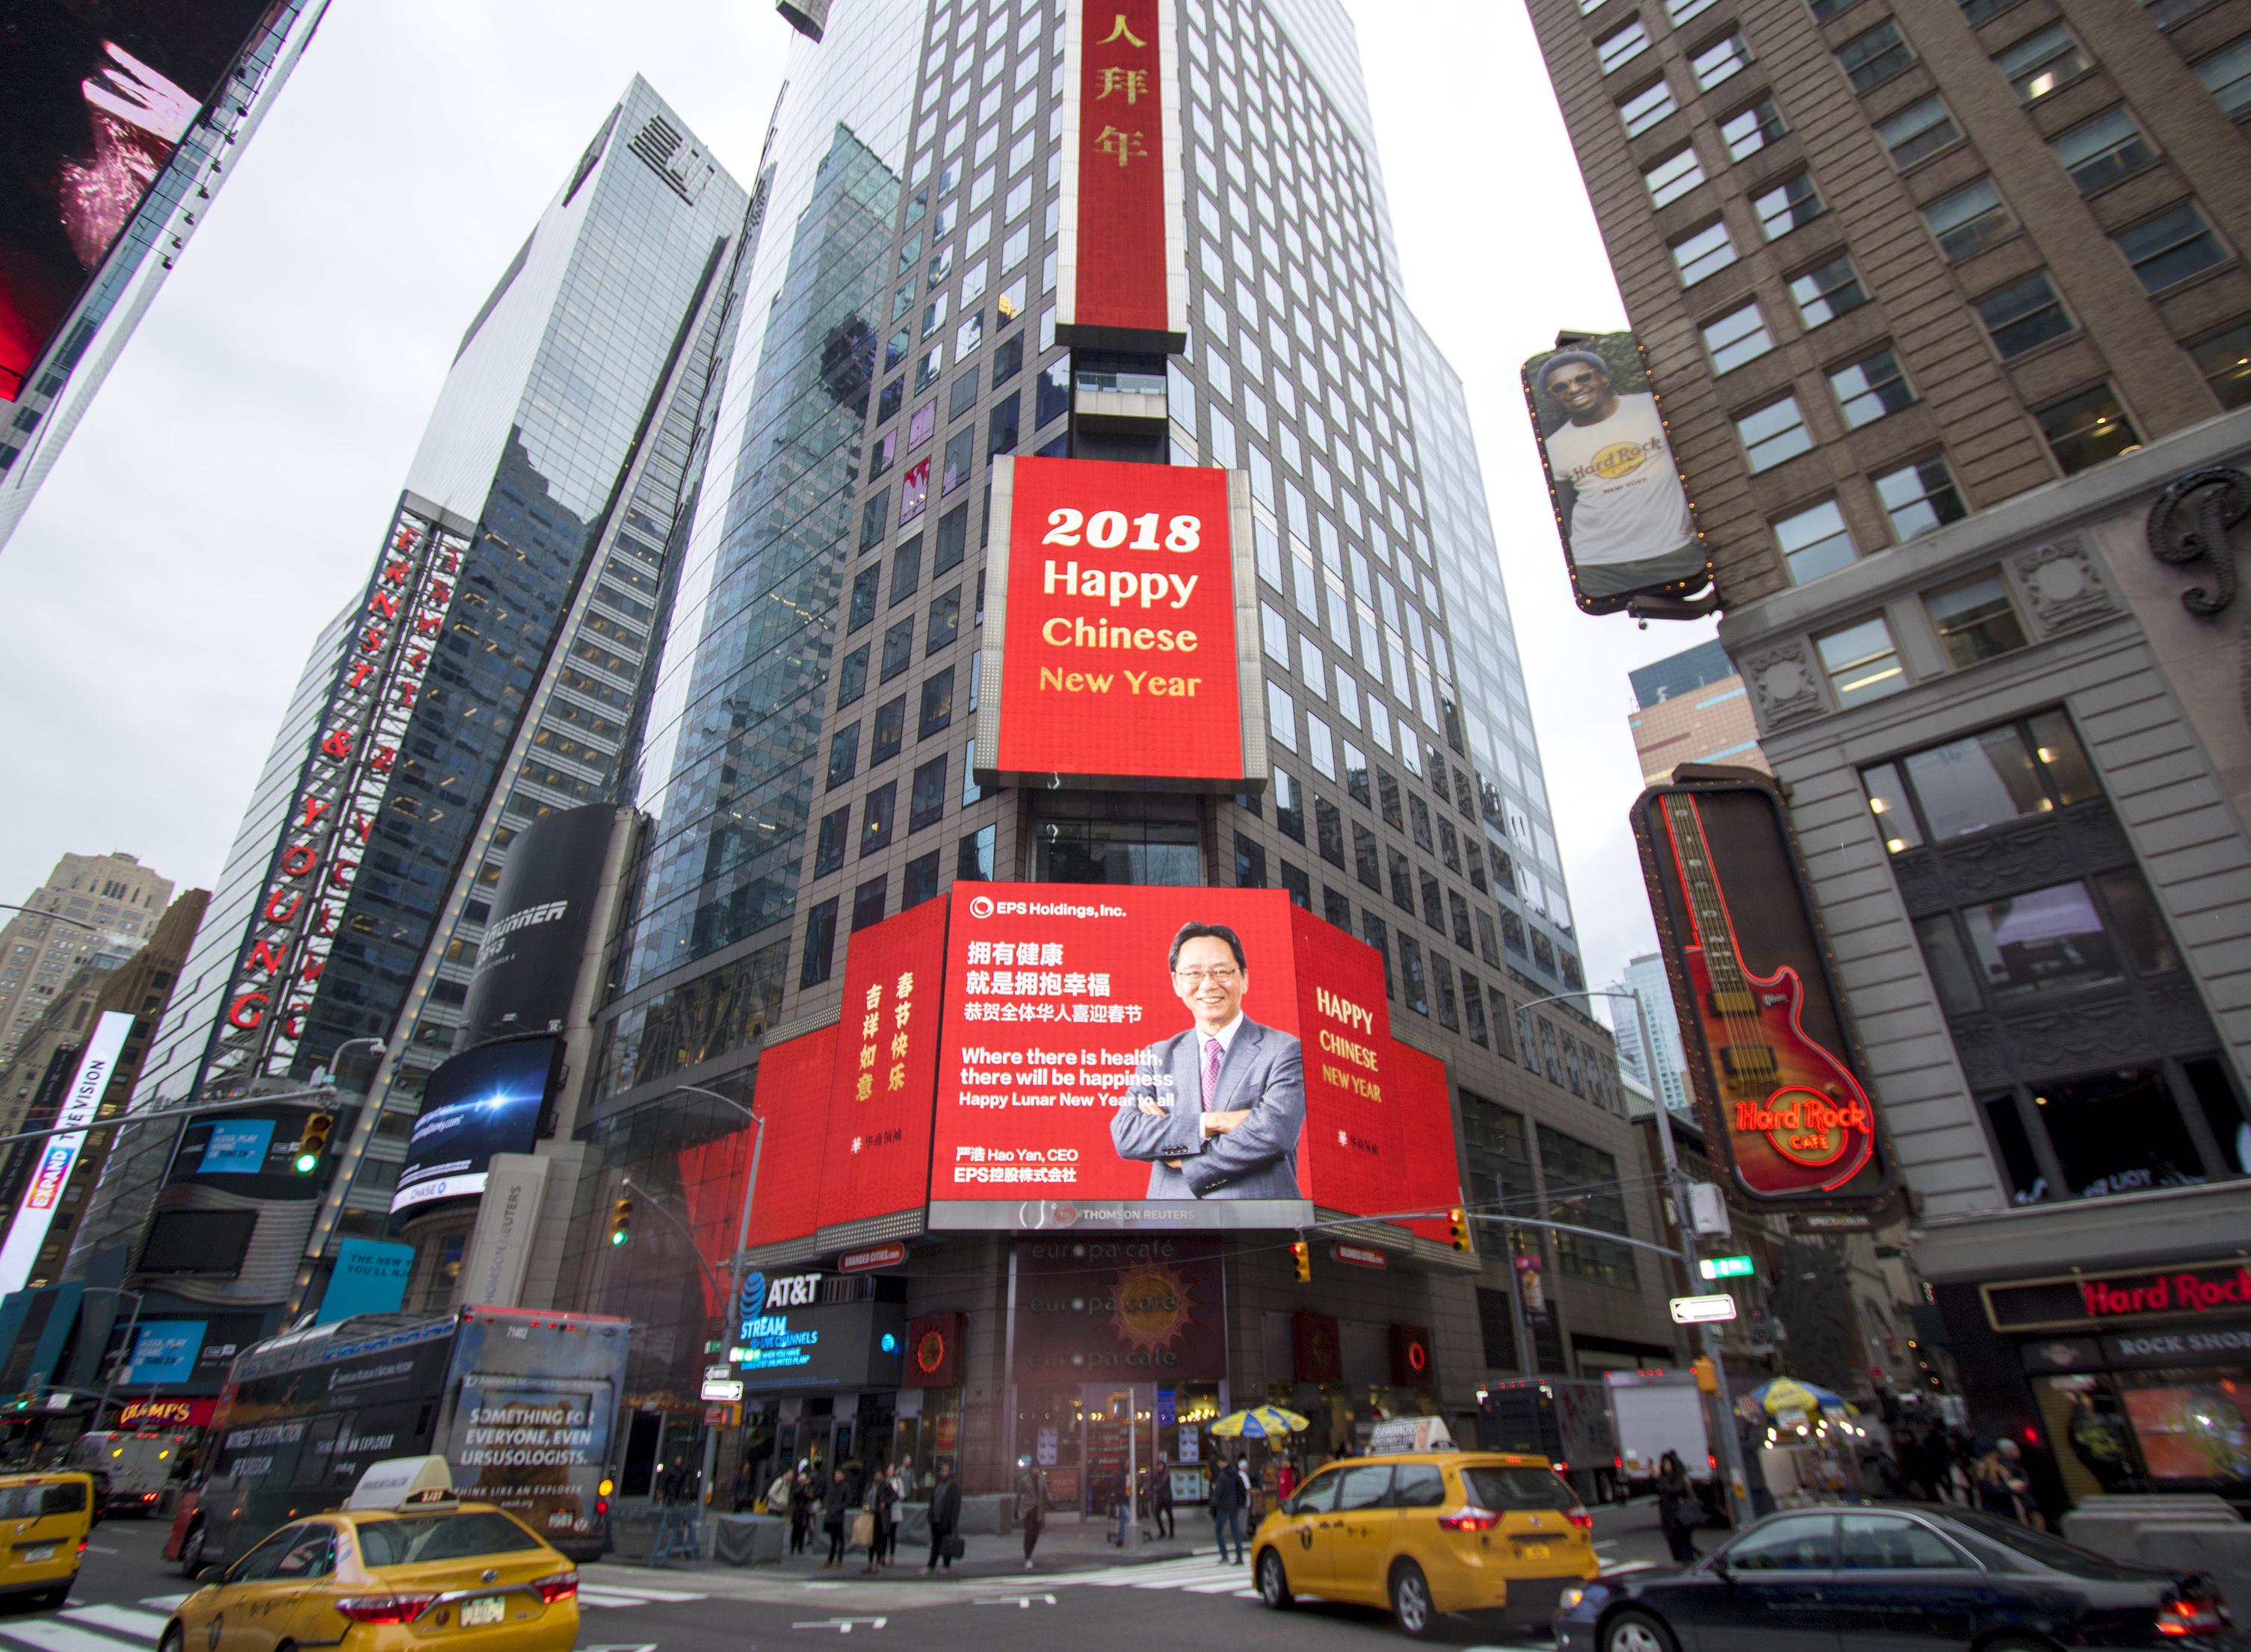 全球华人大拜年 纽约劲吹华人风